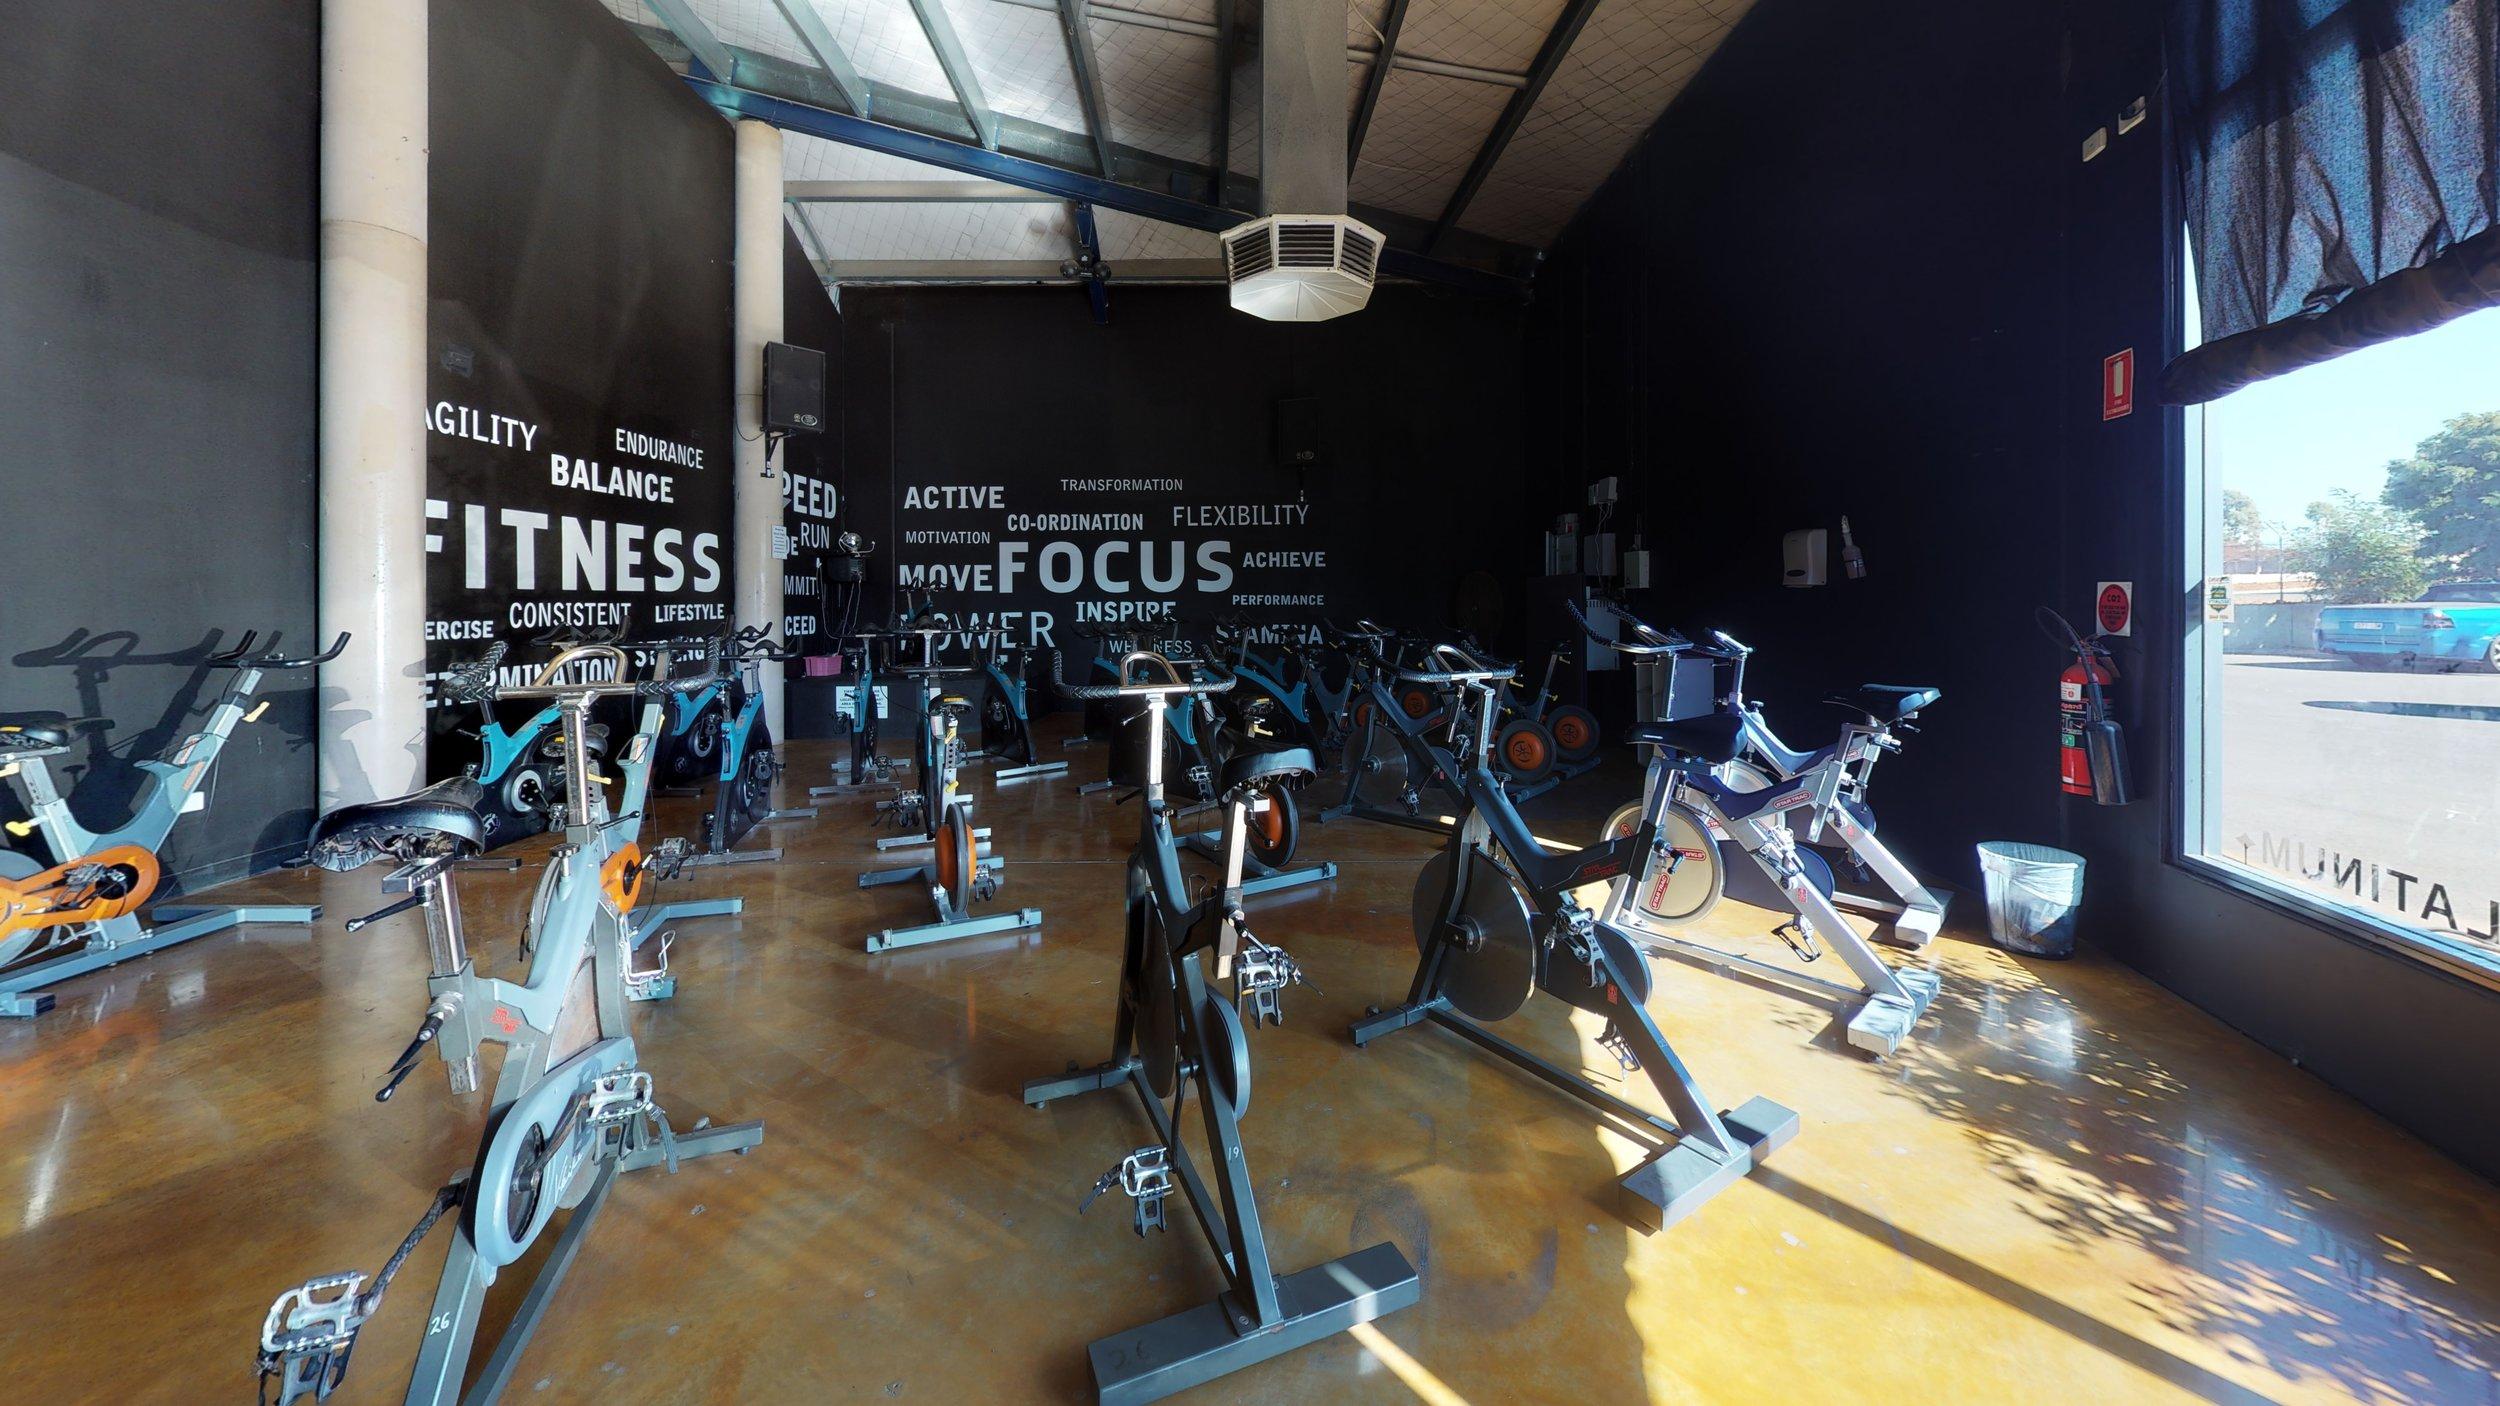 Fitness-Focus-Dining-Room (1).jpg